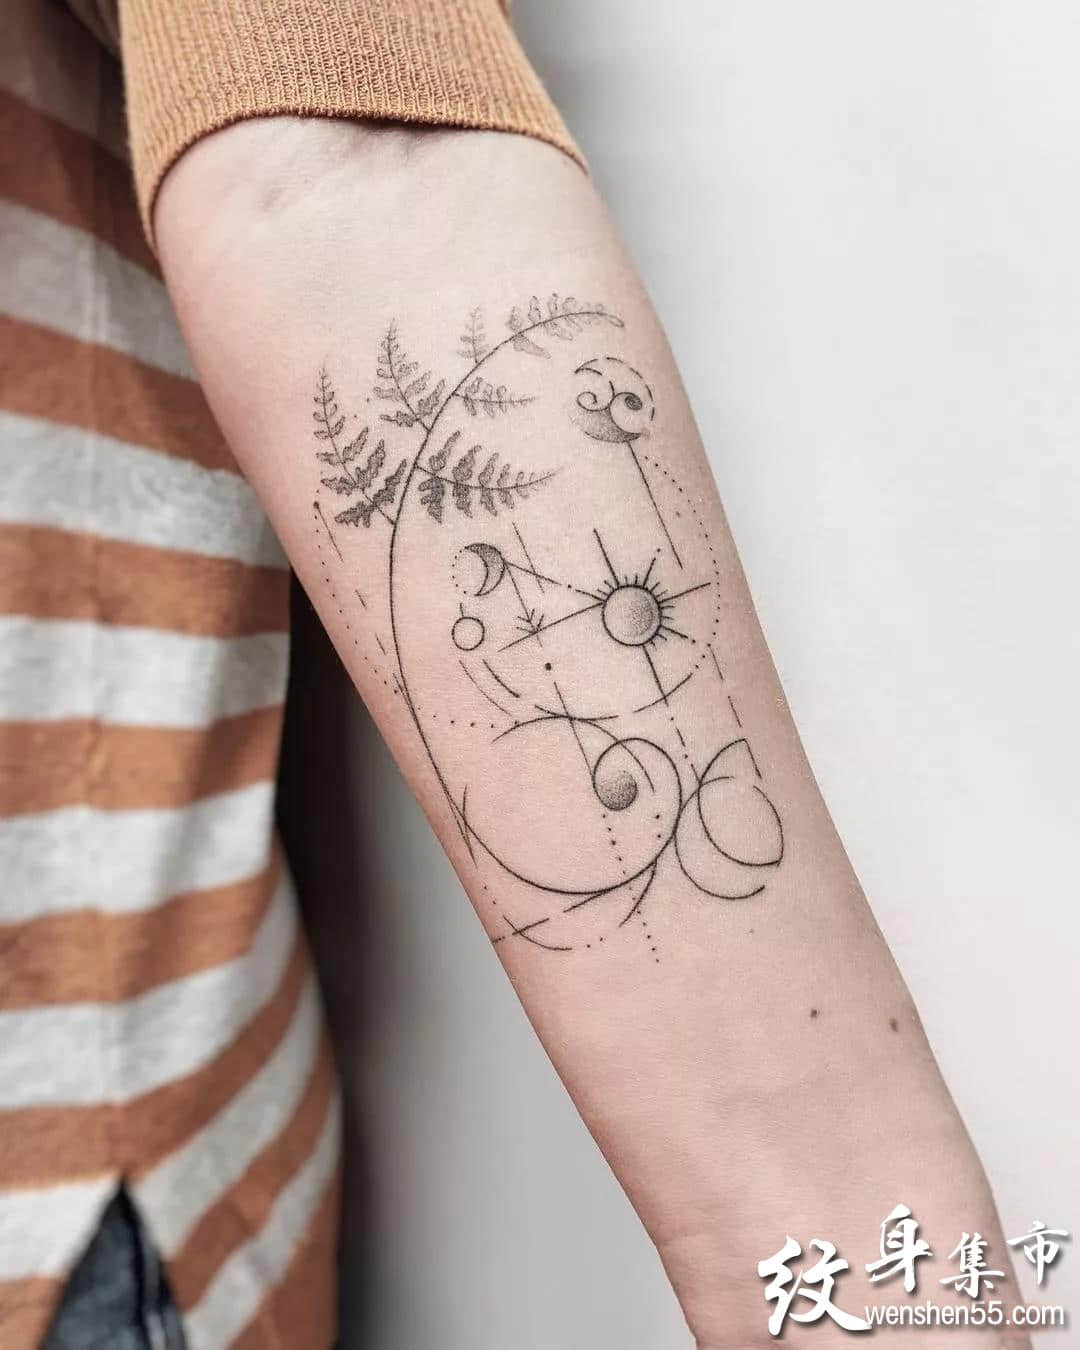 素花纹身,素花纹身手稿,素花纹身手稿图案